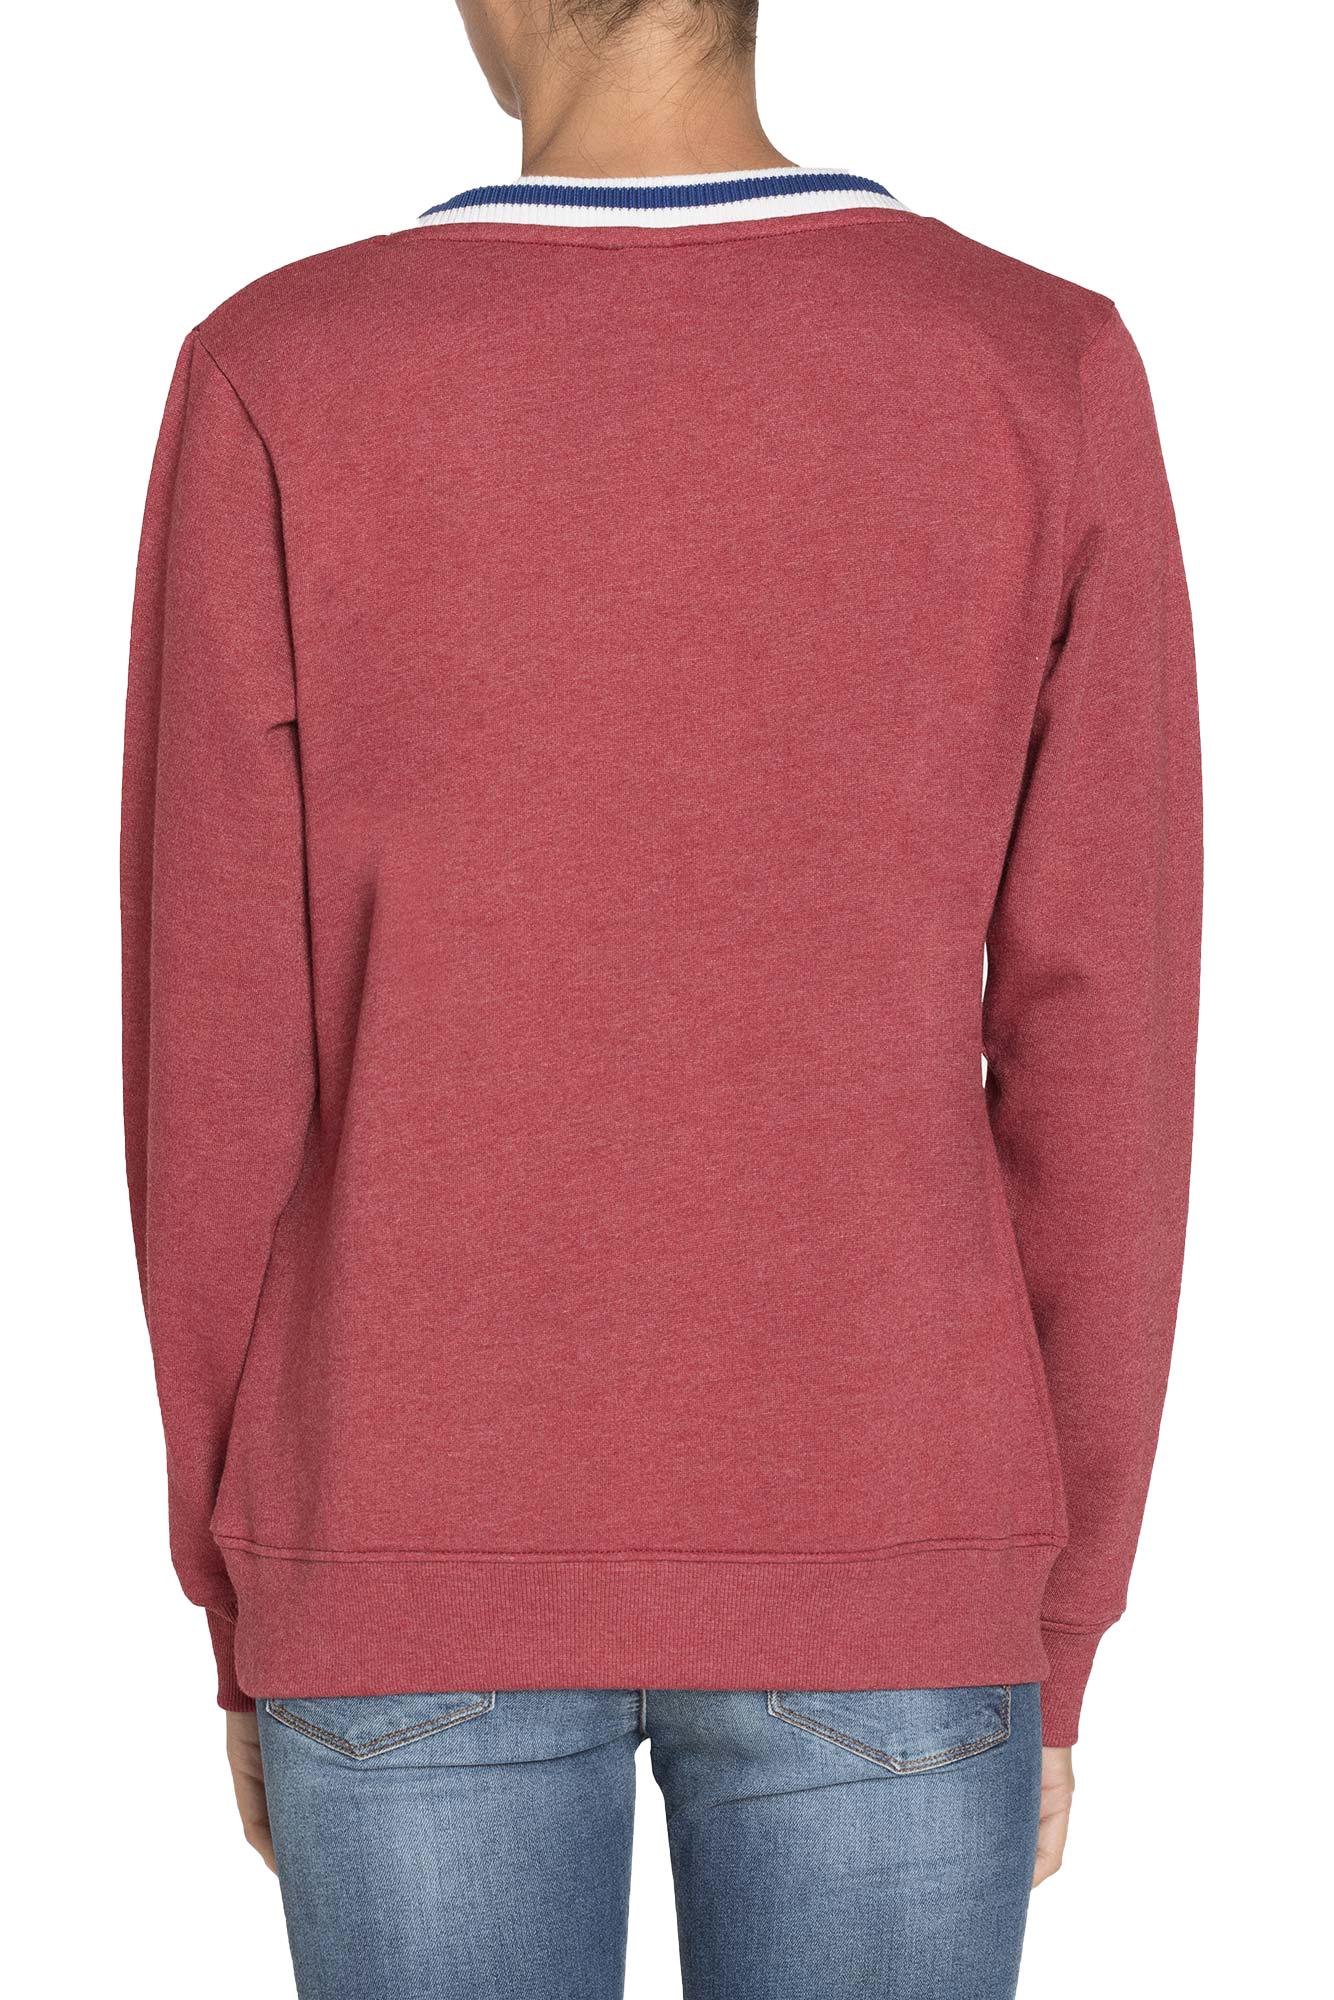 uk availability 99859 26a29 Dettagli su Carrera Jeans - Felpa per donna, con logo stampato